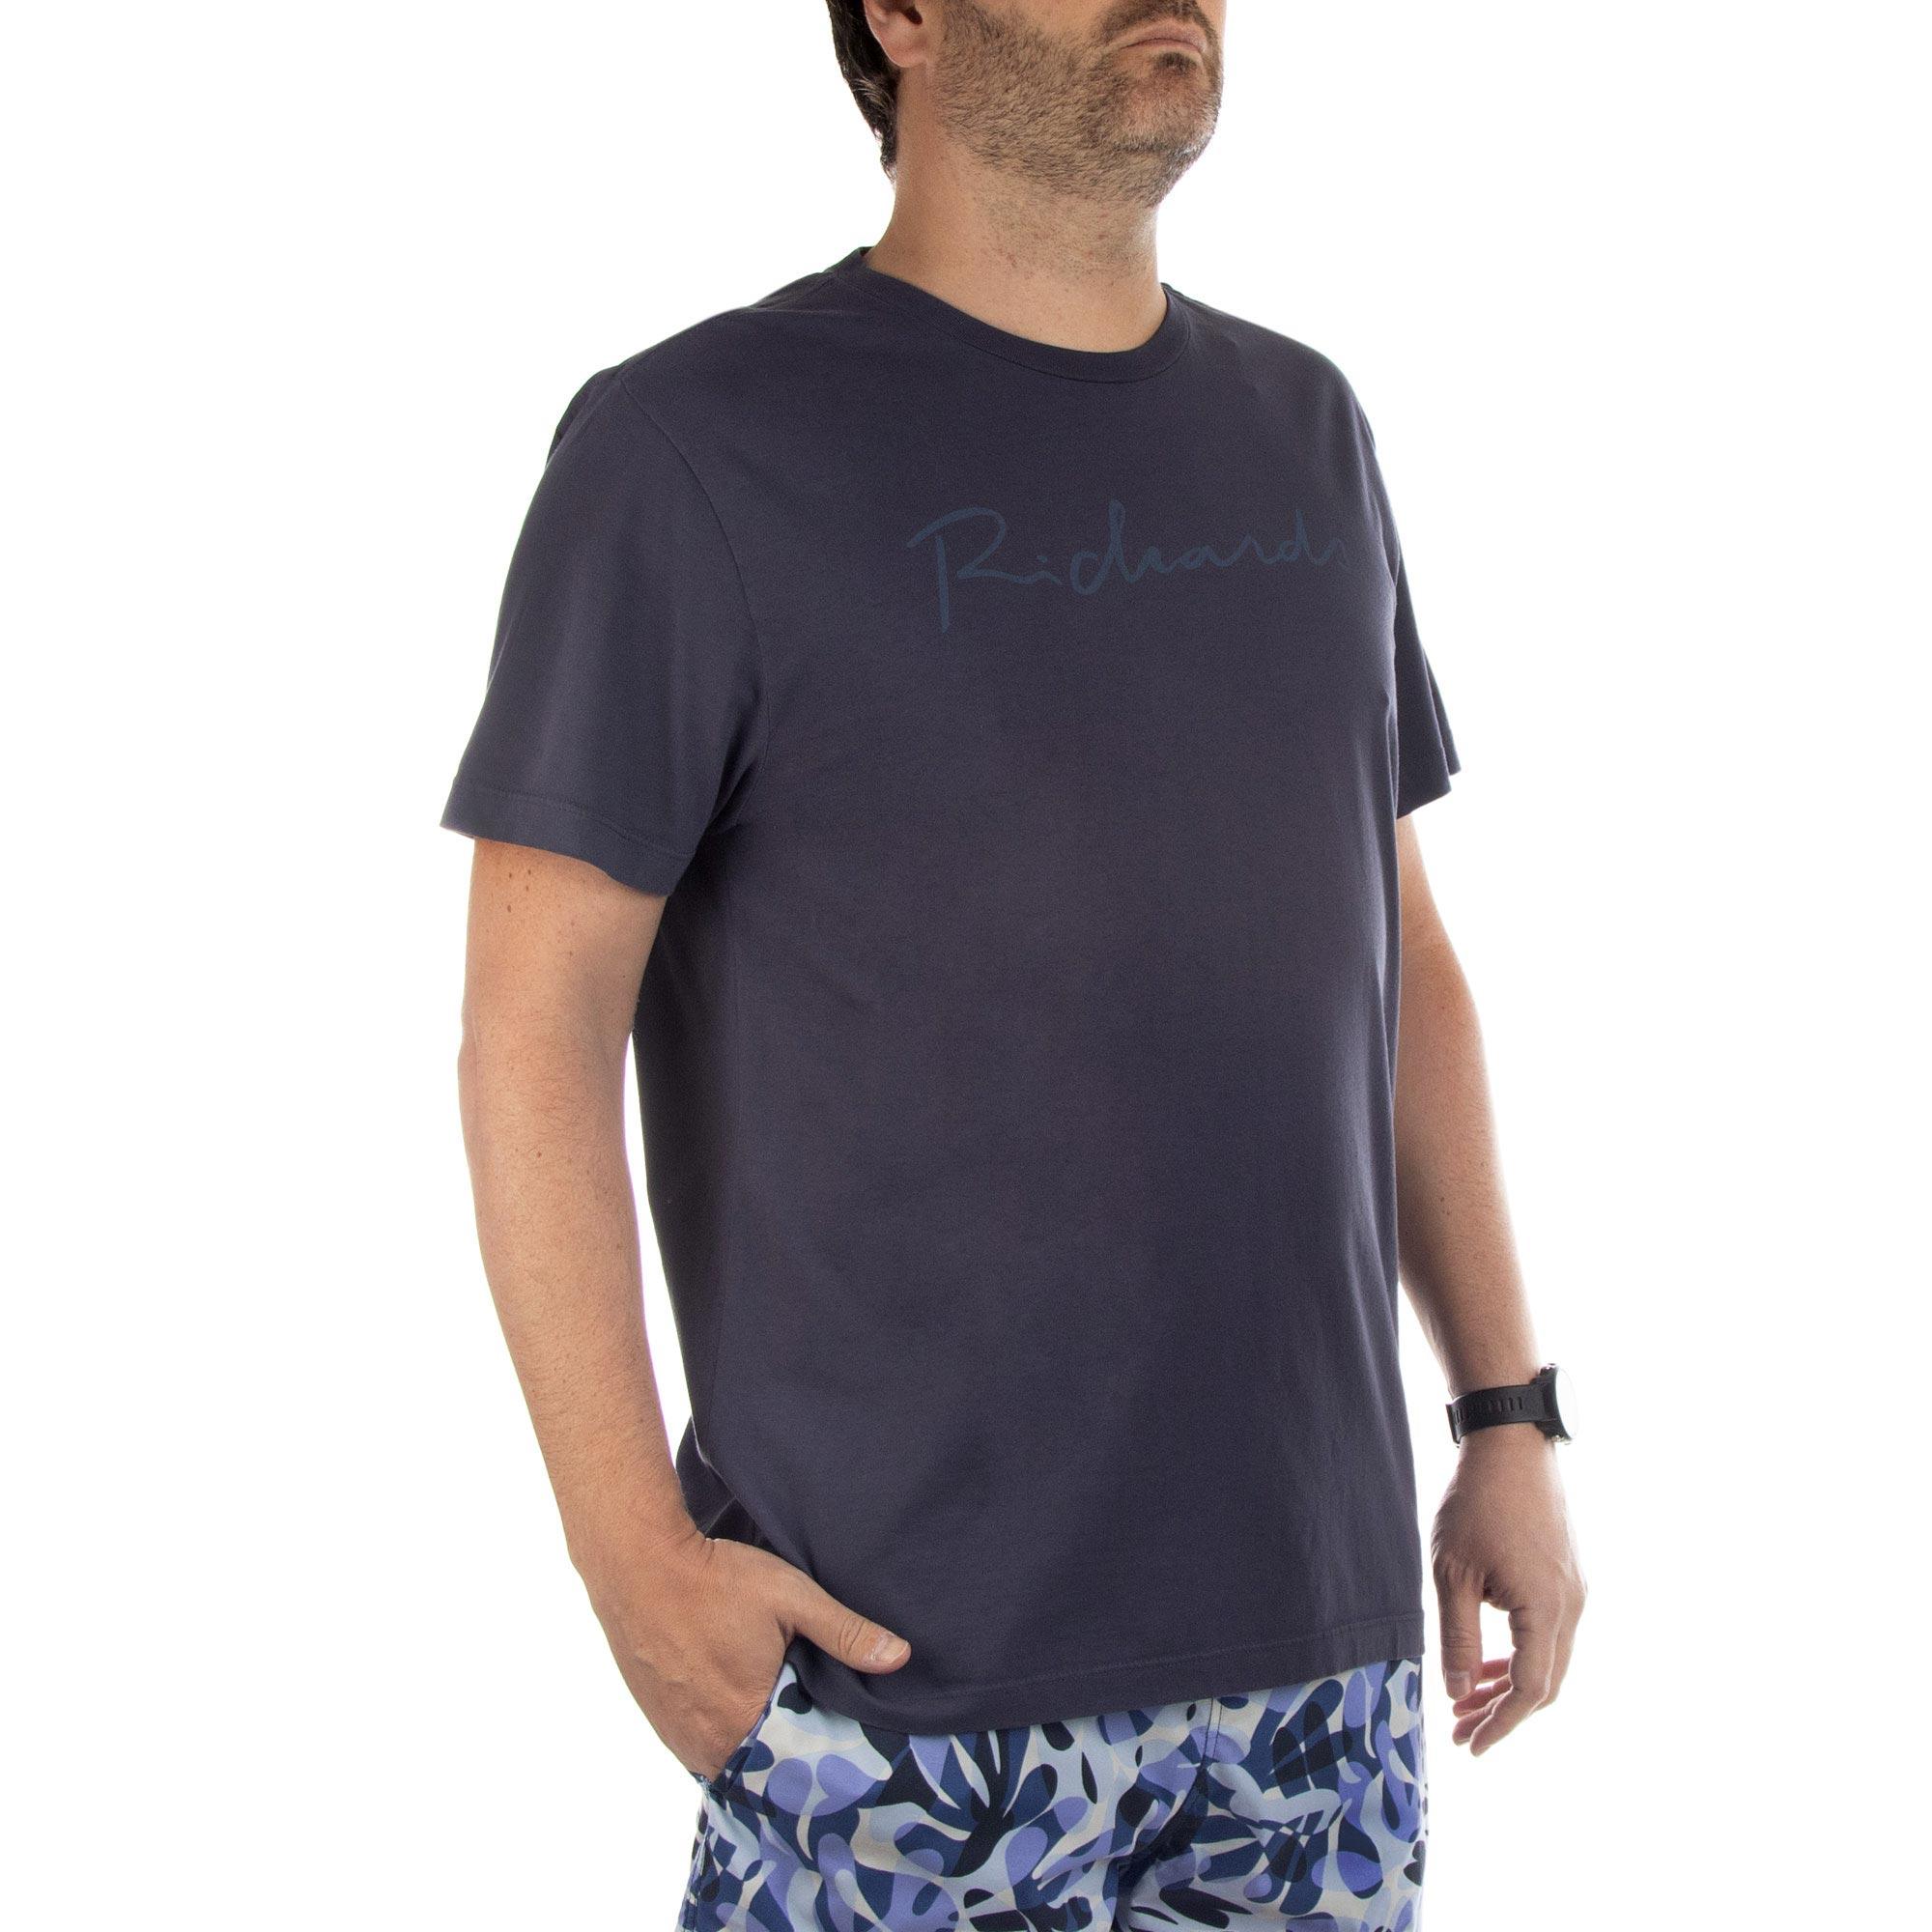 Richards Camiseta Manuscrito Richards Manga Curta Masculino Azul Marinho